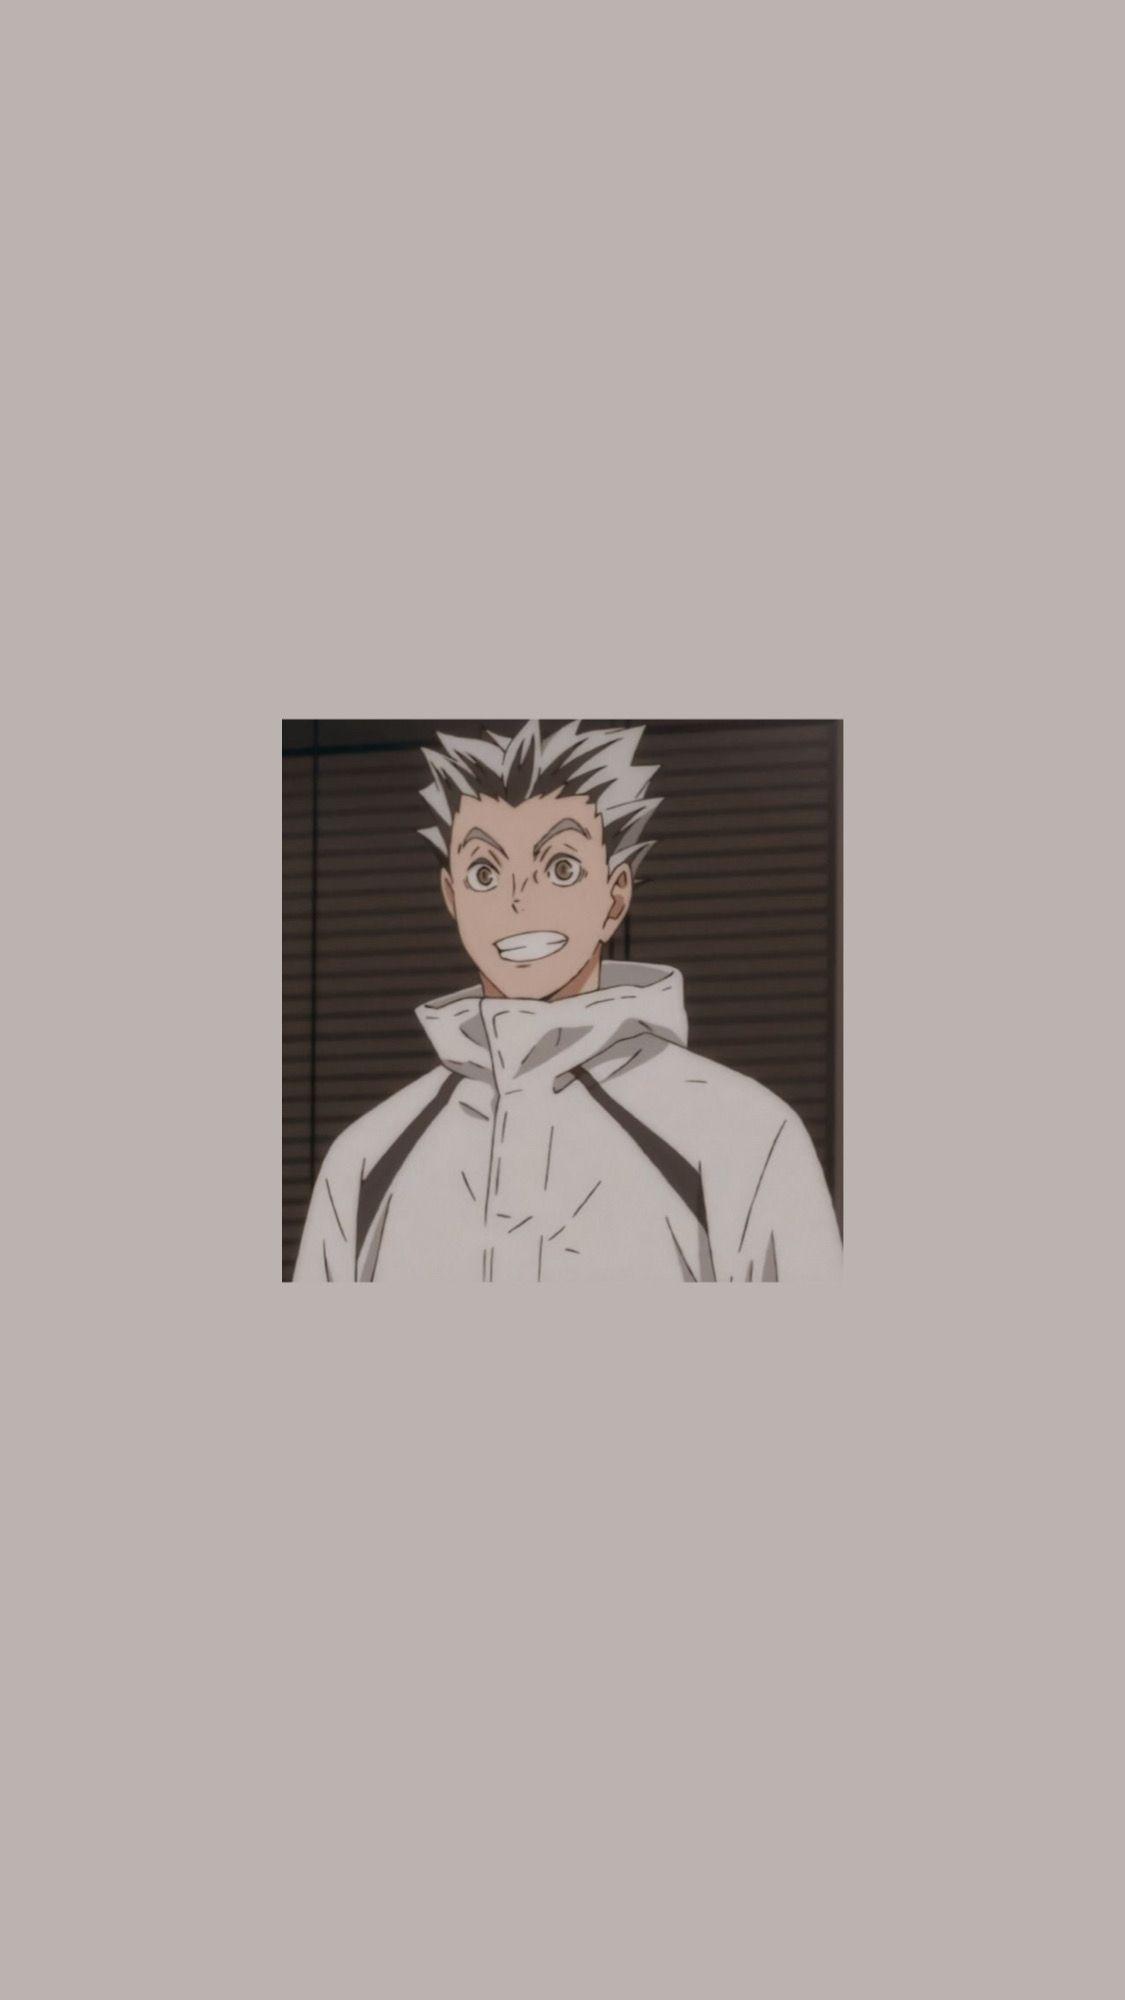 haikyuu anime cute anime wallpaper